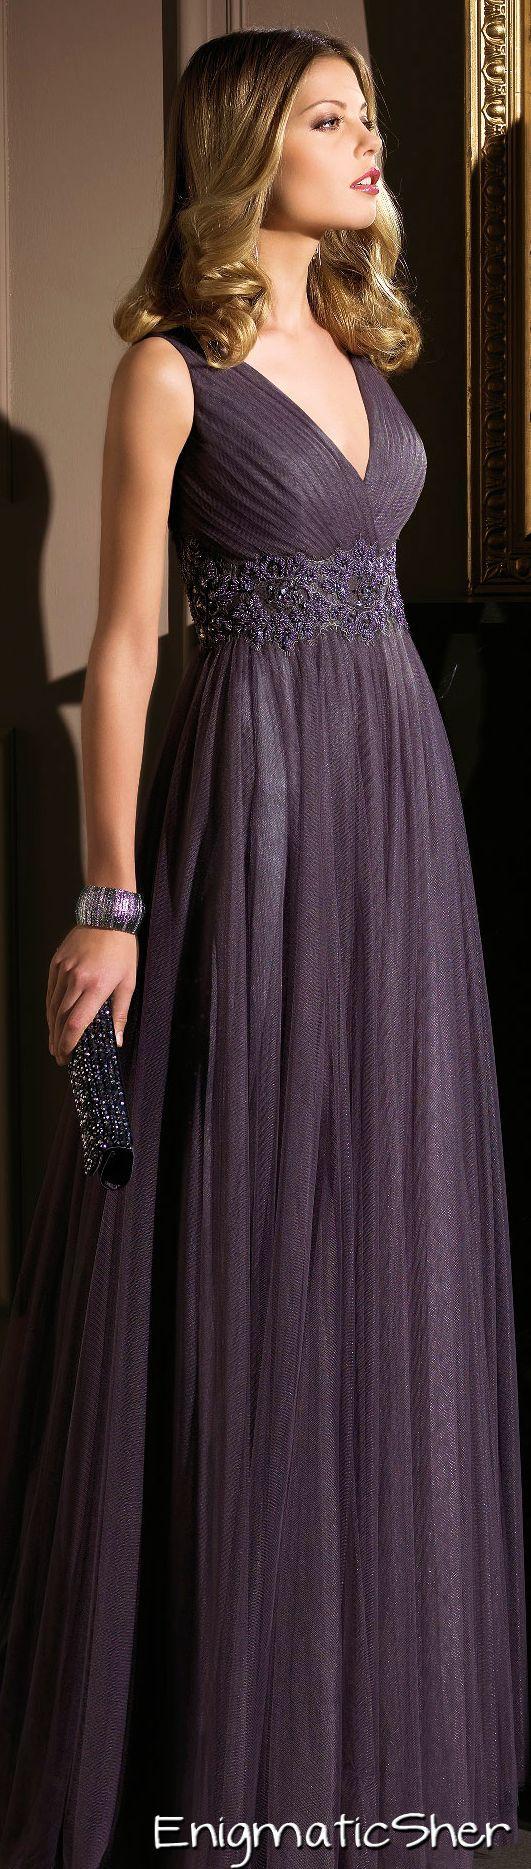 Vestidos noche | cuadros | Pinterest | Noche, Vestiditos y Vestidos ...